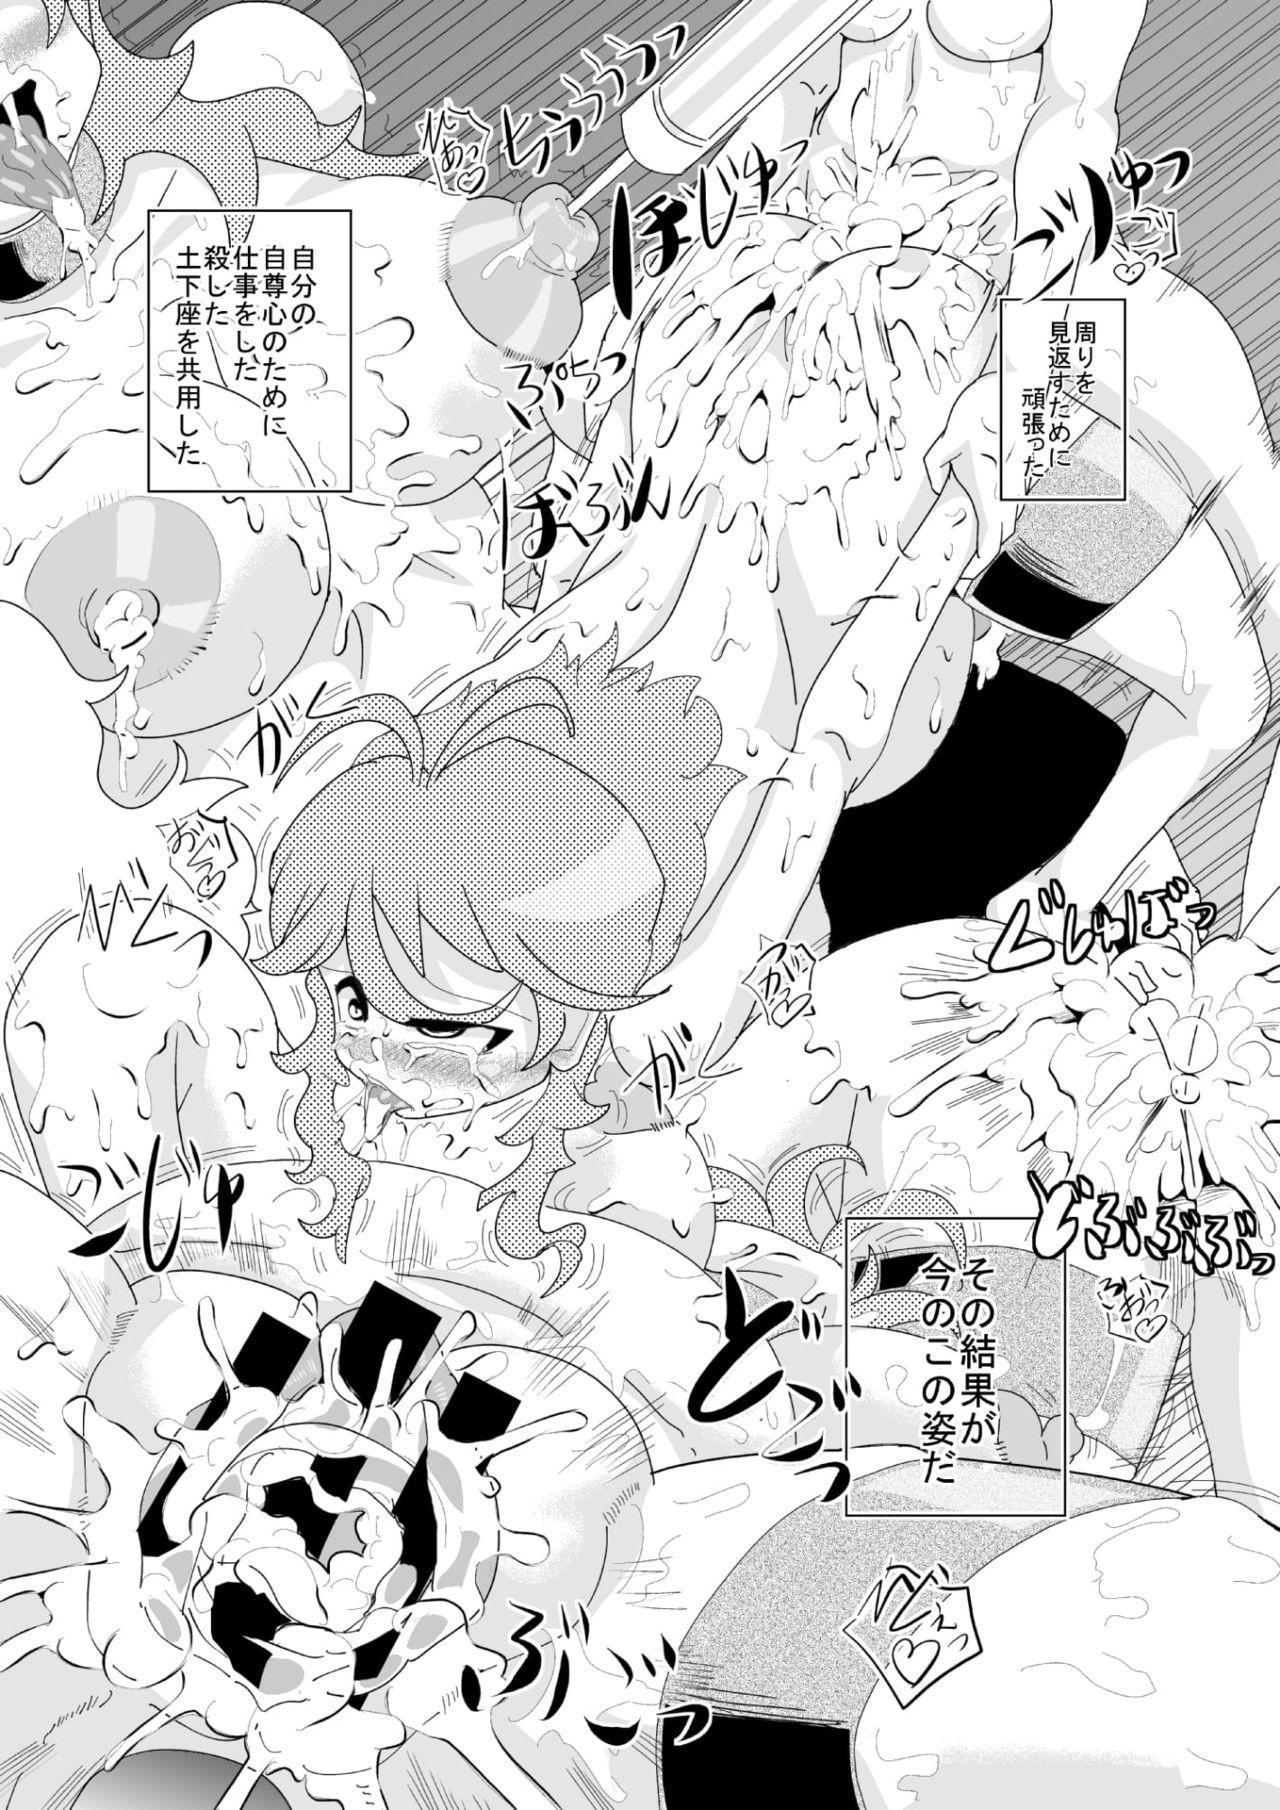 [Seishimentai (Syouryuupen)] Mentananako Z - Ciony-chan Hakai Hen (Super Robot Taisen) 33